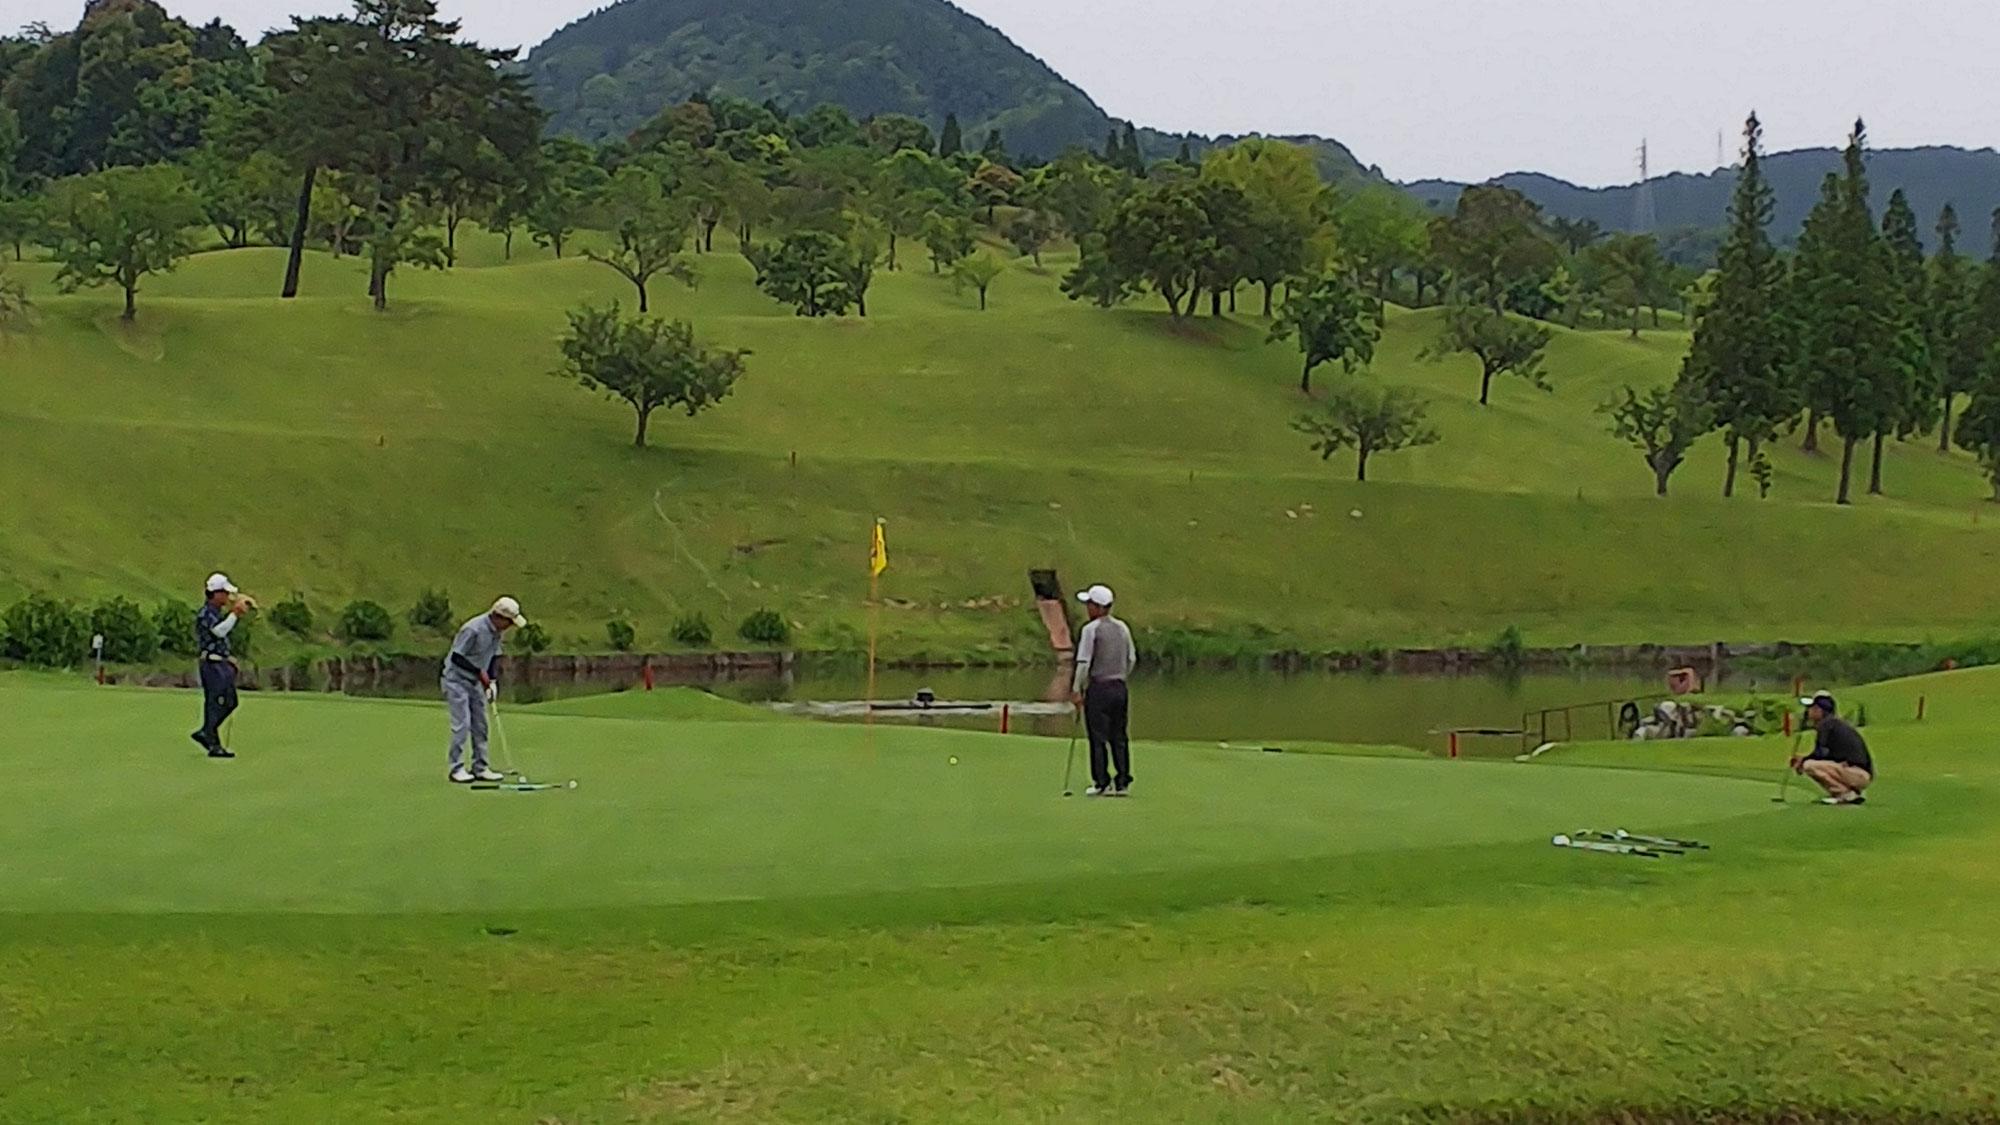 ゴルフガーデン三田川杯